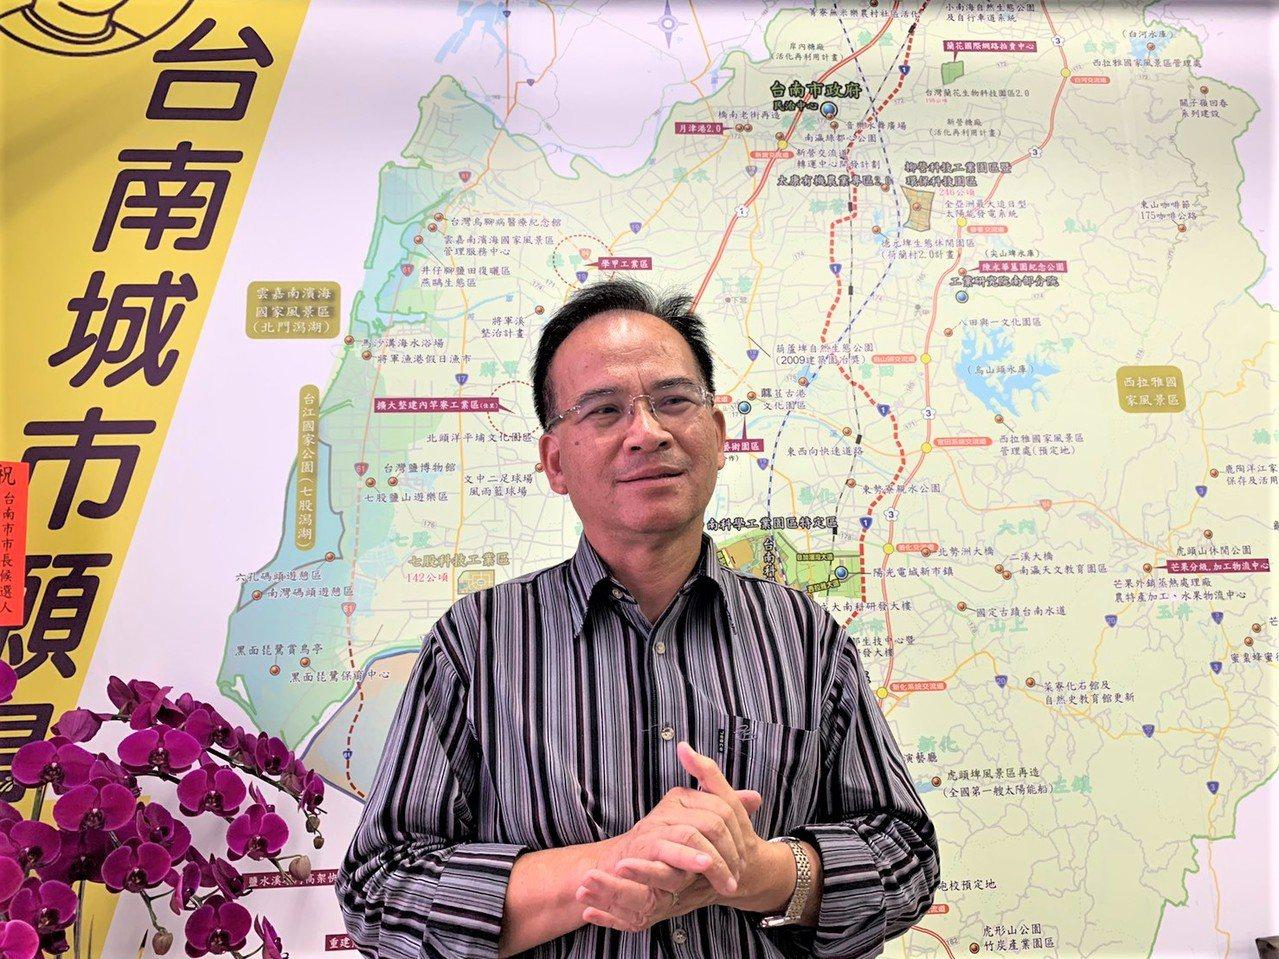 前台南縣長蘇煥智籌組「台灣維新黨」,今天下午舉行成立大會。圖/本報資料照片